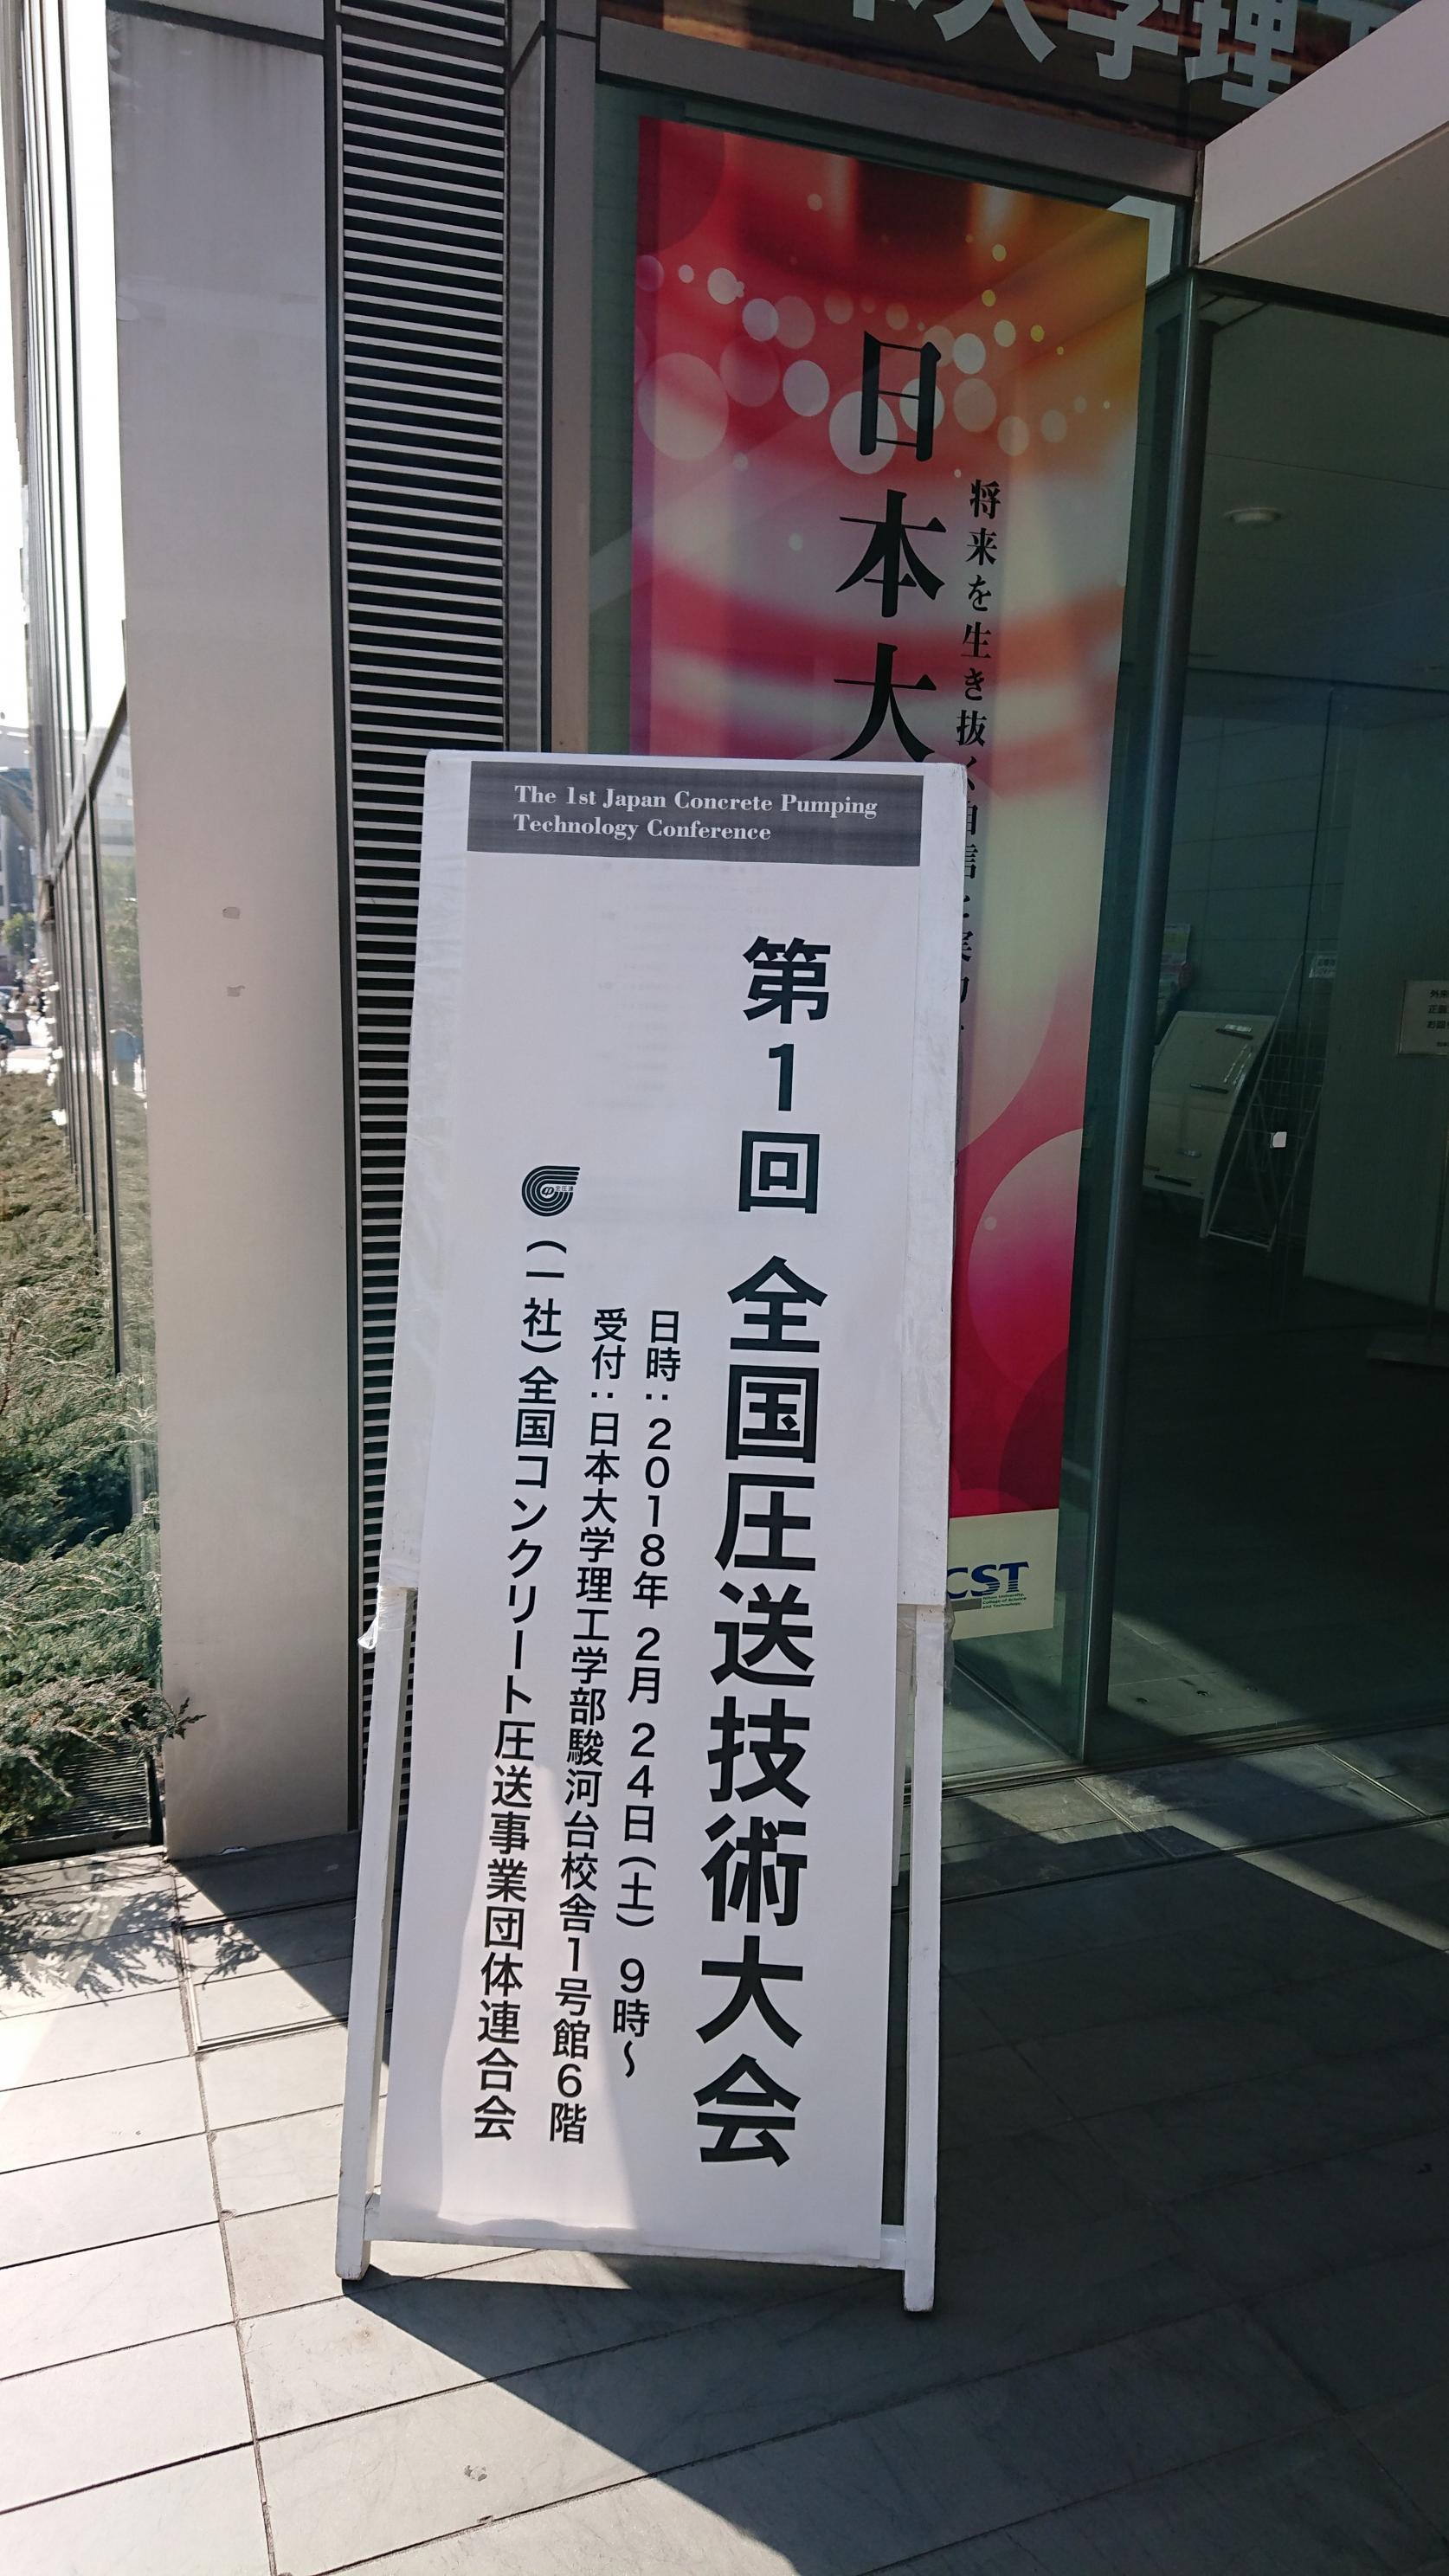 建築学科宮田敦典助手が「第1回全国圧送技術大会」において、優秀賞を受賞しました。